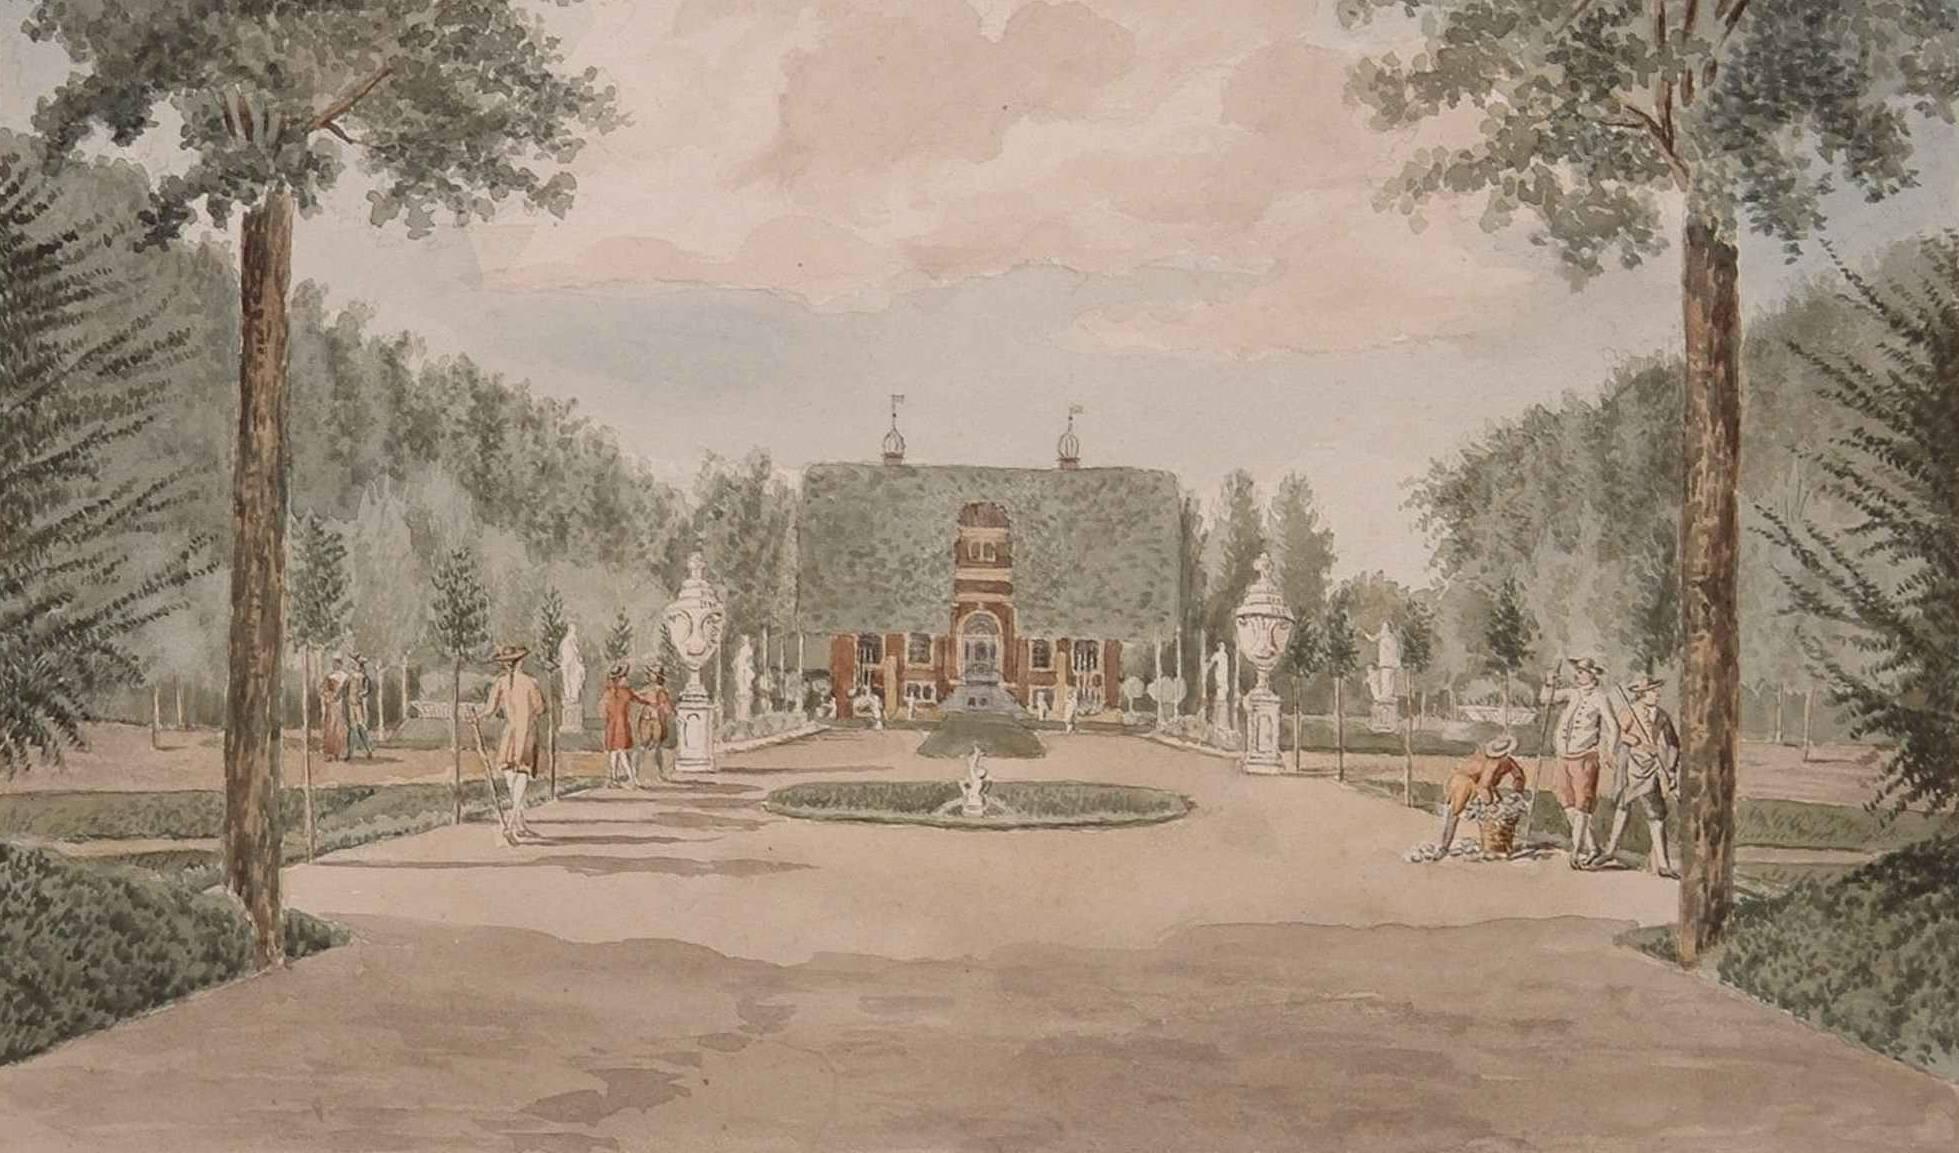 Landhuizen landgoederen villa's Dordrecht Huis op Dubbelsteyn - Regionaal Archief Dordrecht (1)